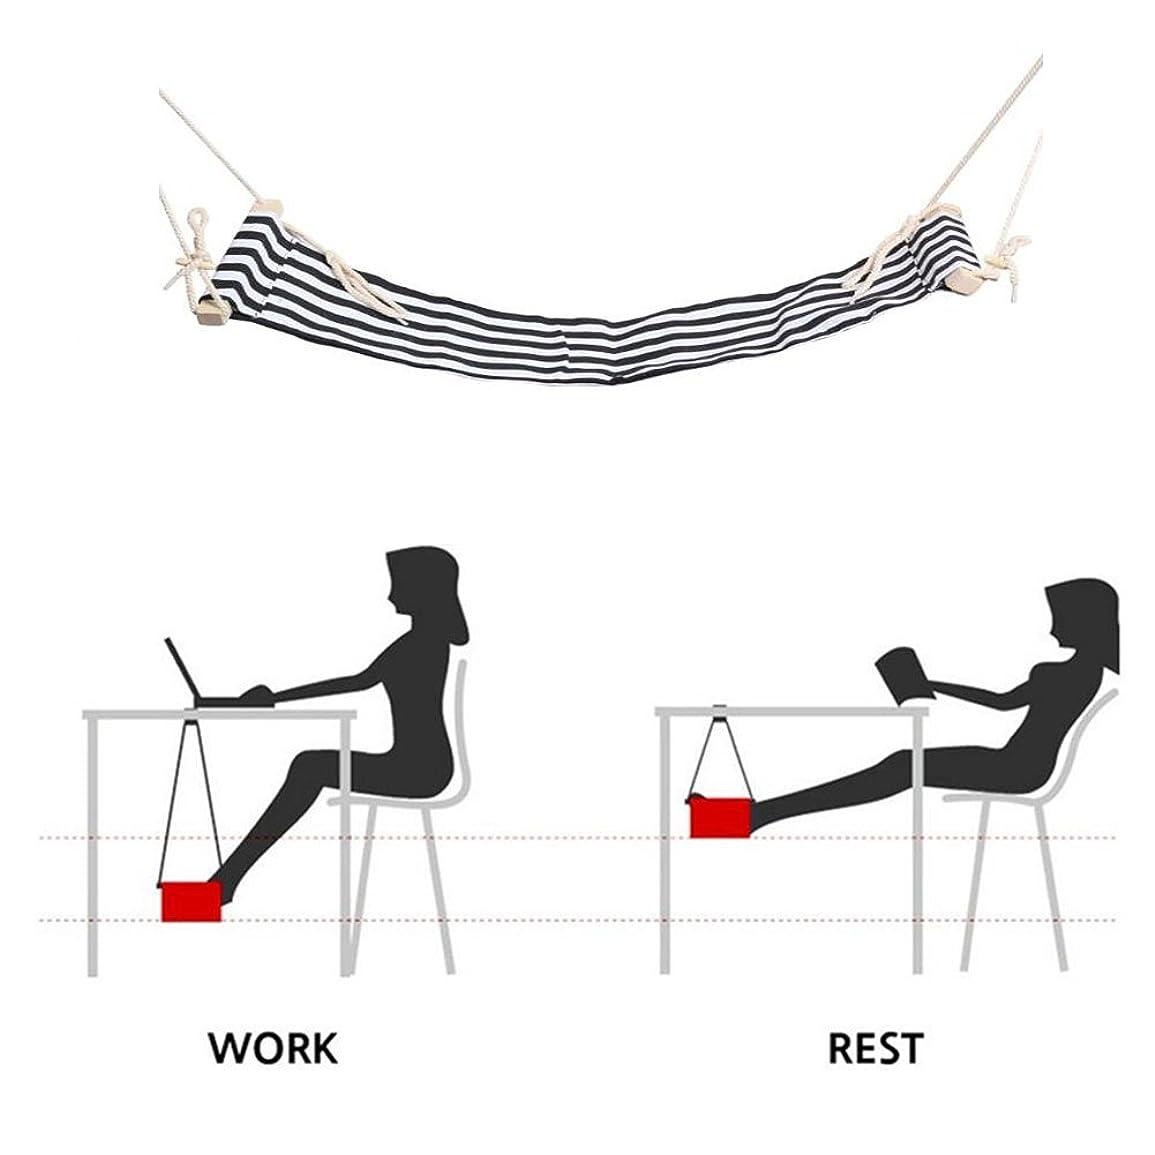 静かに適合しましたゴールCHENGFA ハンモック式フットレスト フットレスト 足休め 足乗せ 足休息 足置き らくらく デスク 足 ハンモック オフィス 部屋